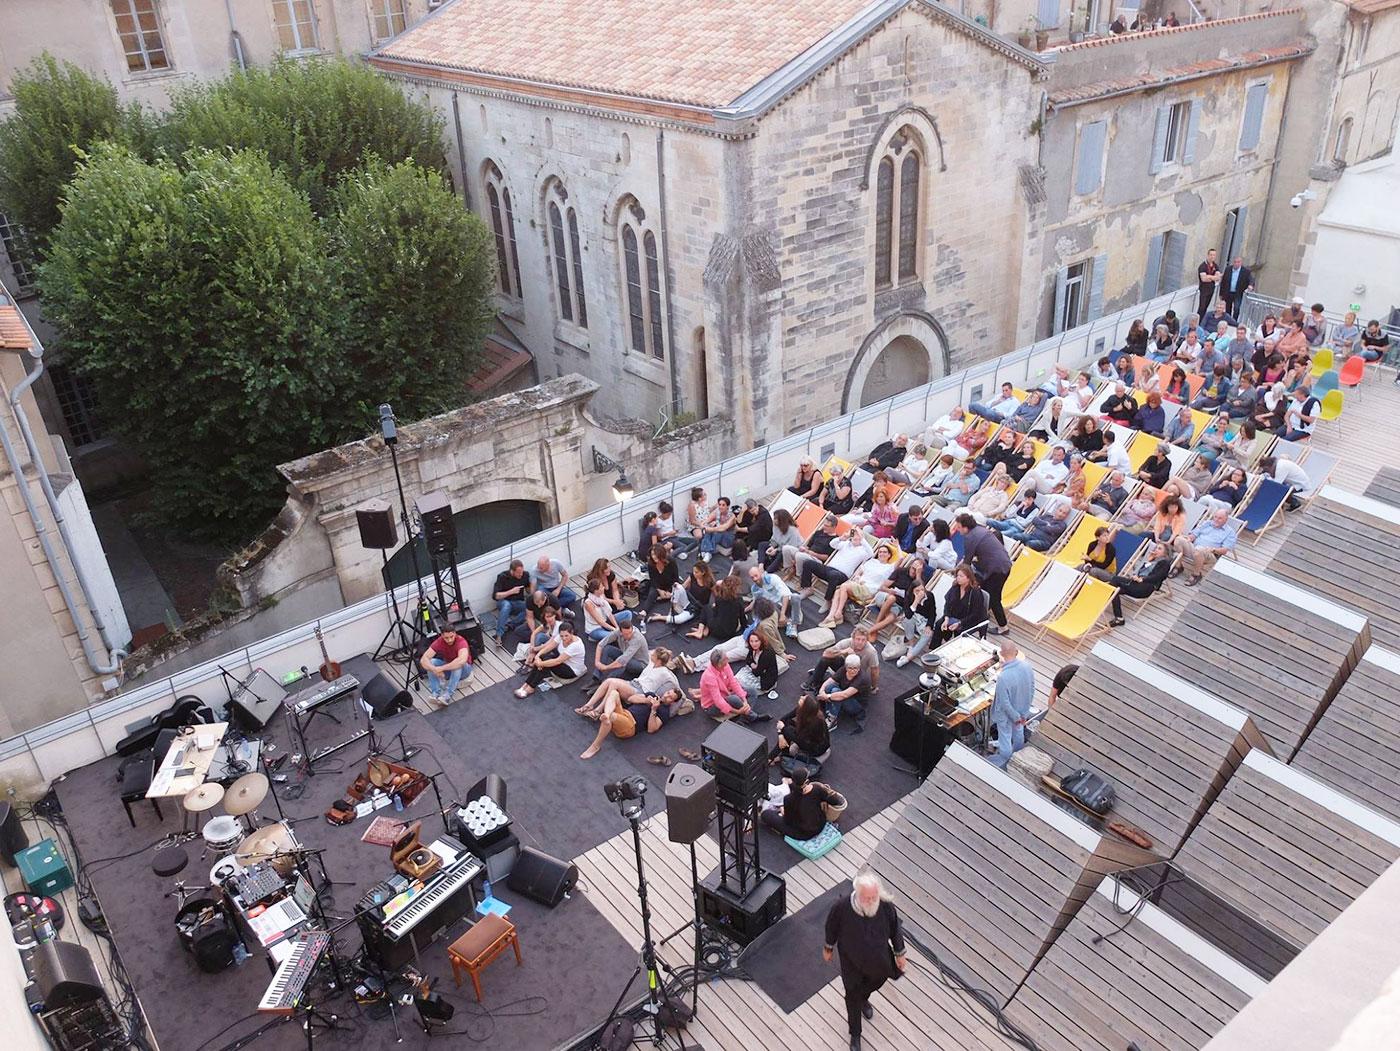 So sah es in Arles aus, das Neubad müssen Sie sich dazu denken.